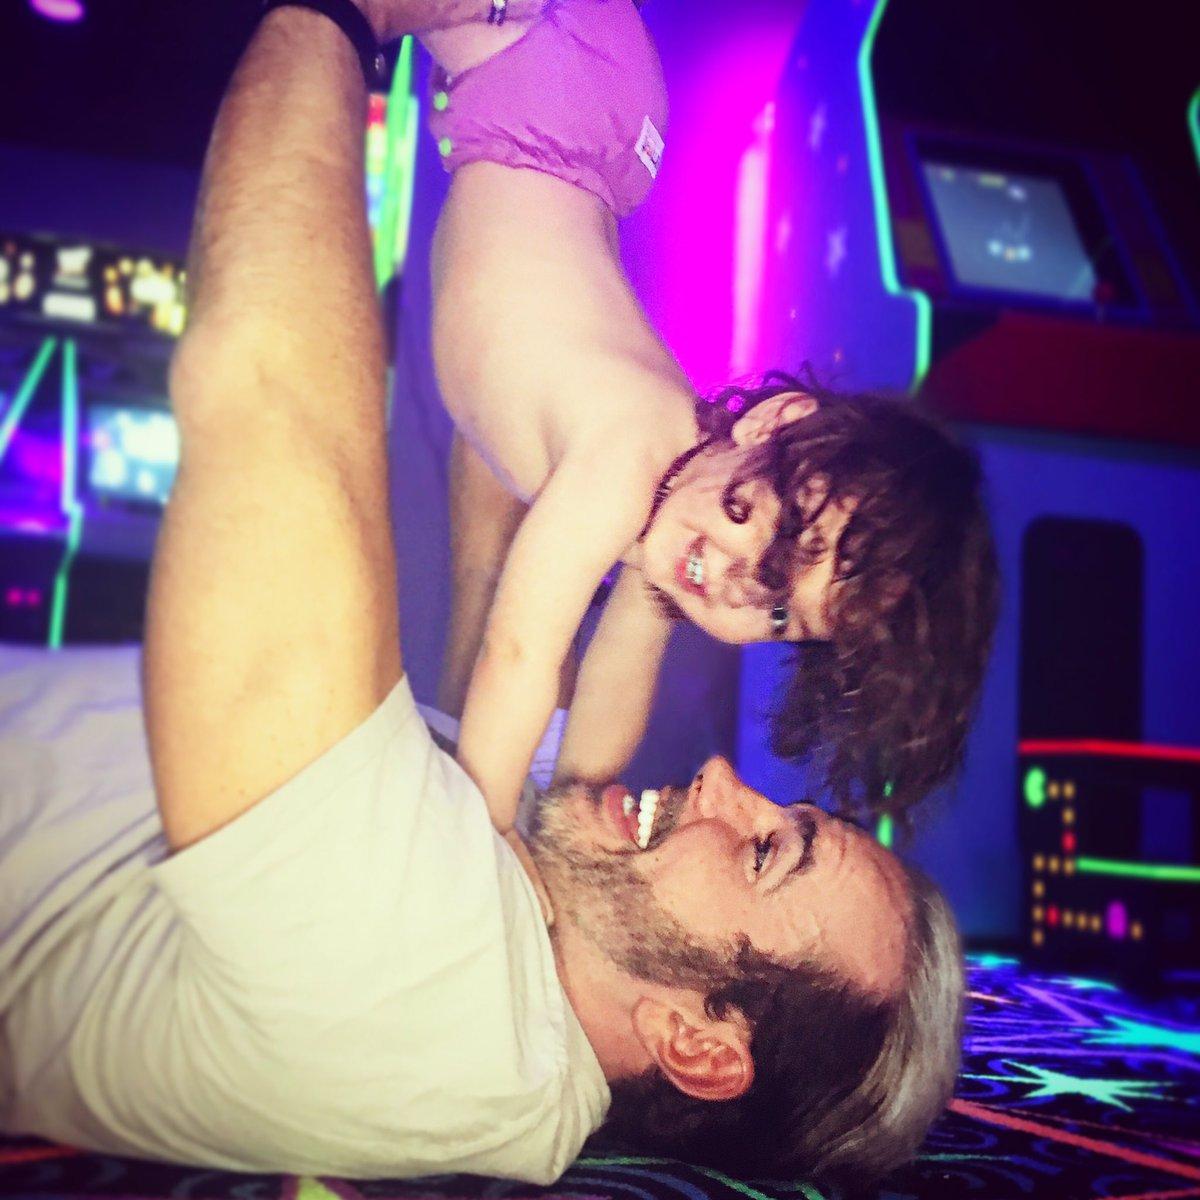 مات هاردي في لحظاته الرائعة مع ابناءه (صور)